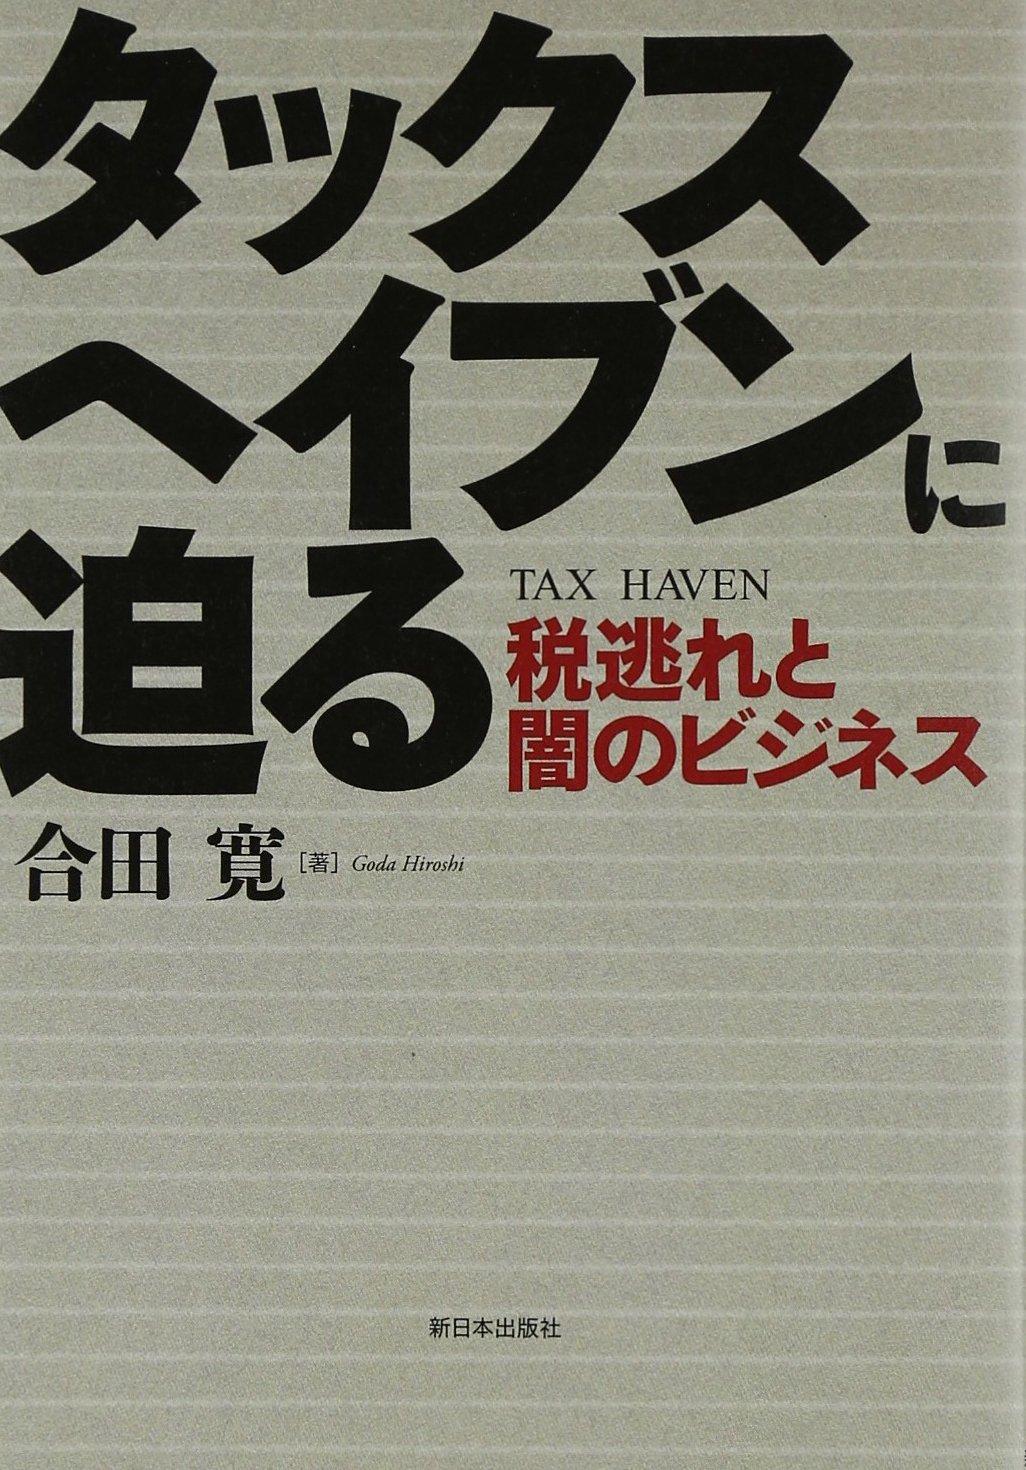 タックスヘイブンについて知りたい人におすすめの文庫本を紹介!